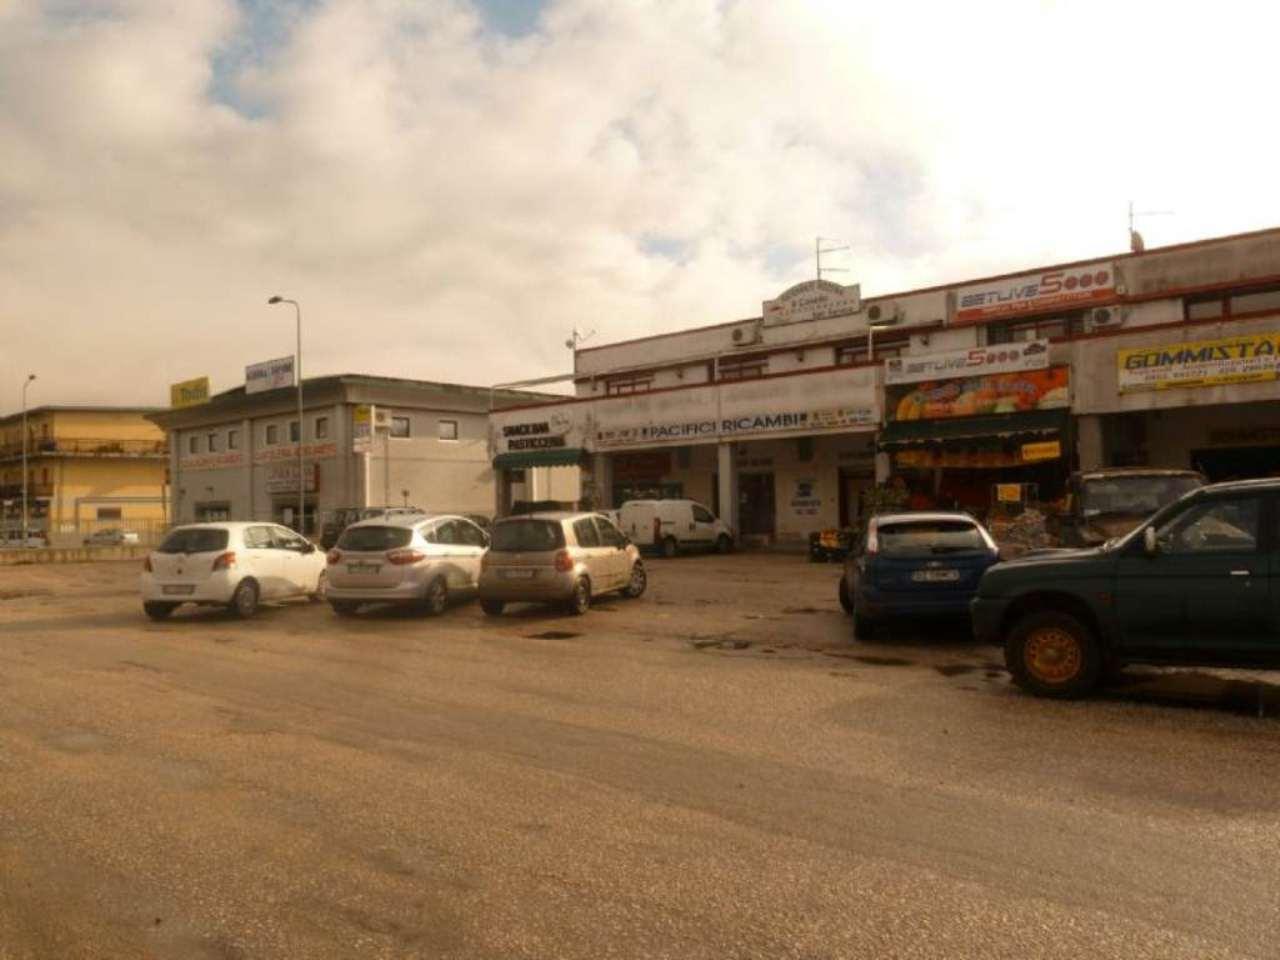 Immobile Commerciale in vendita a Carsoli, 3 locali, prezzo € 350.000 | Cambio Casa.it